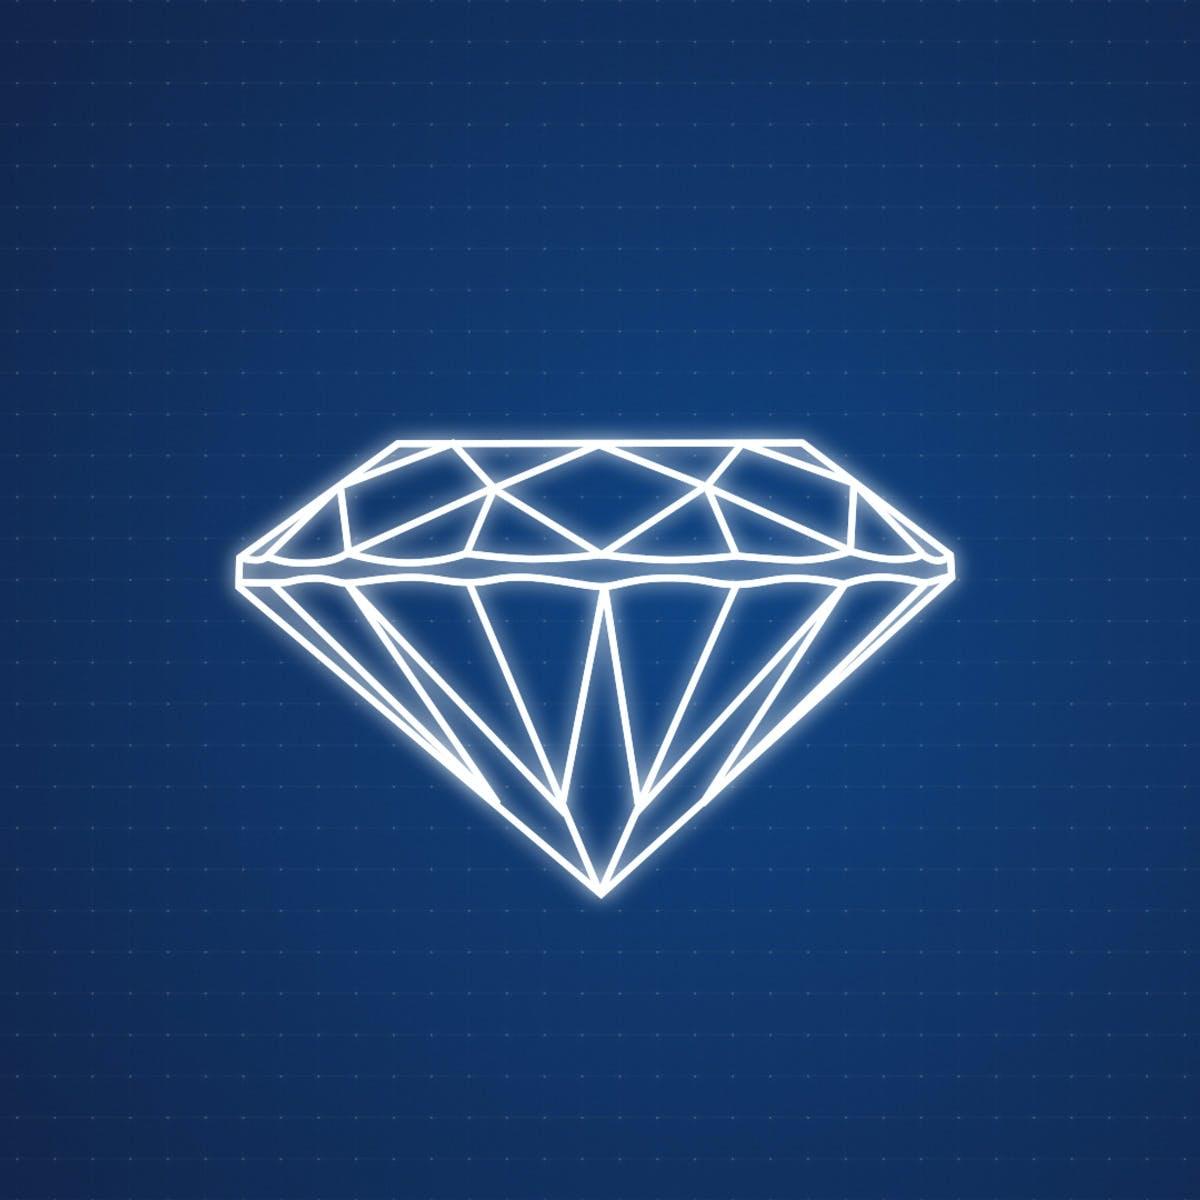 Драгоценные камни: диагностика и экспертиза